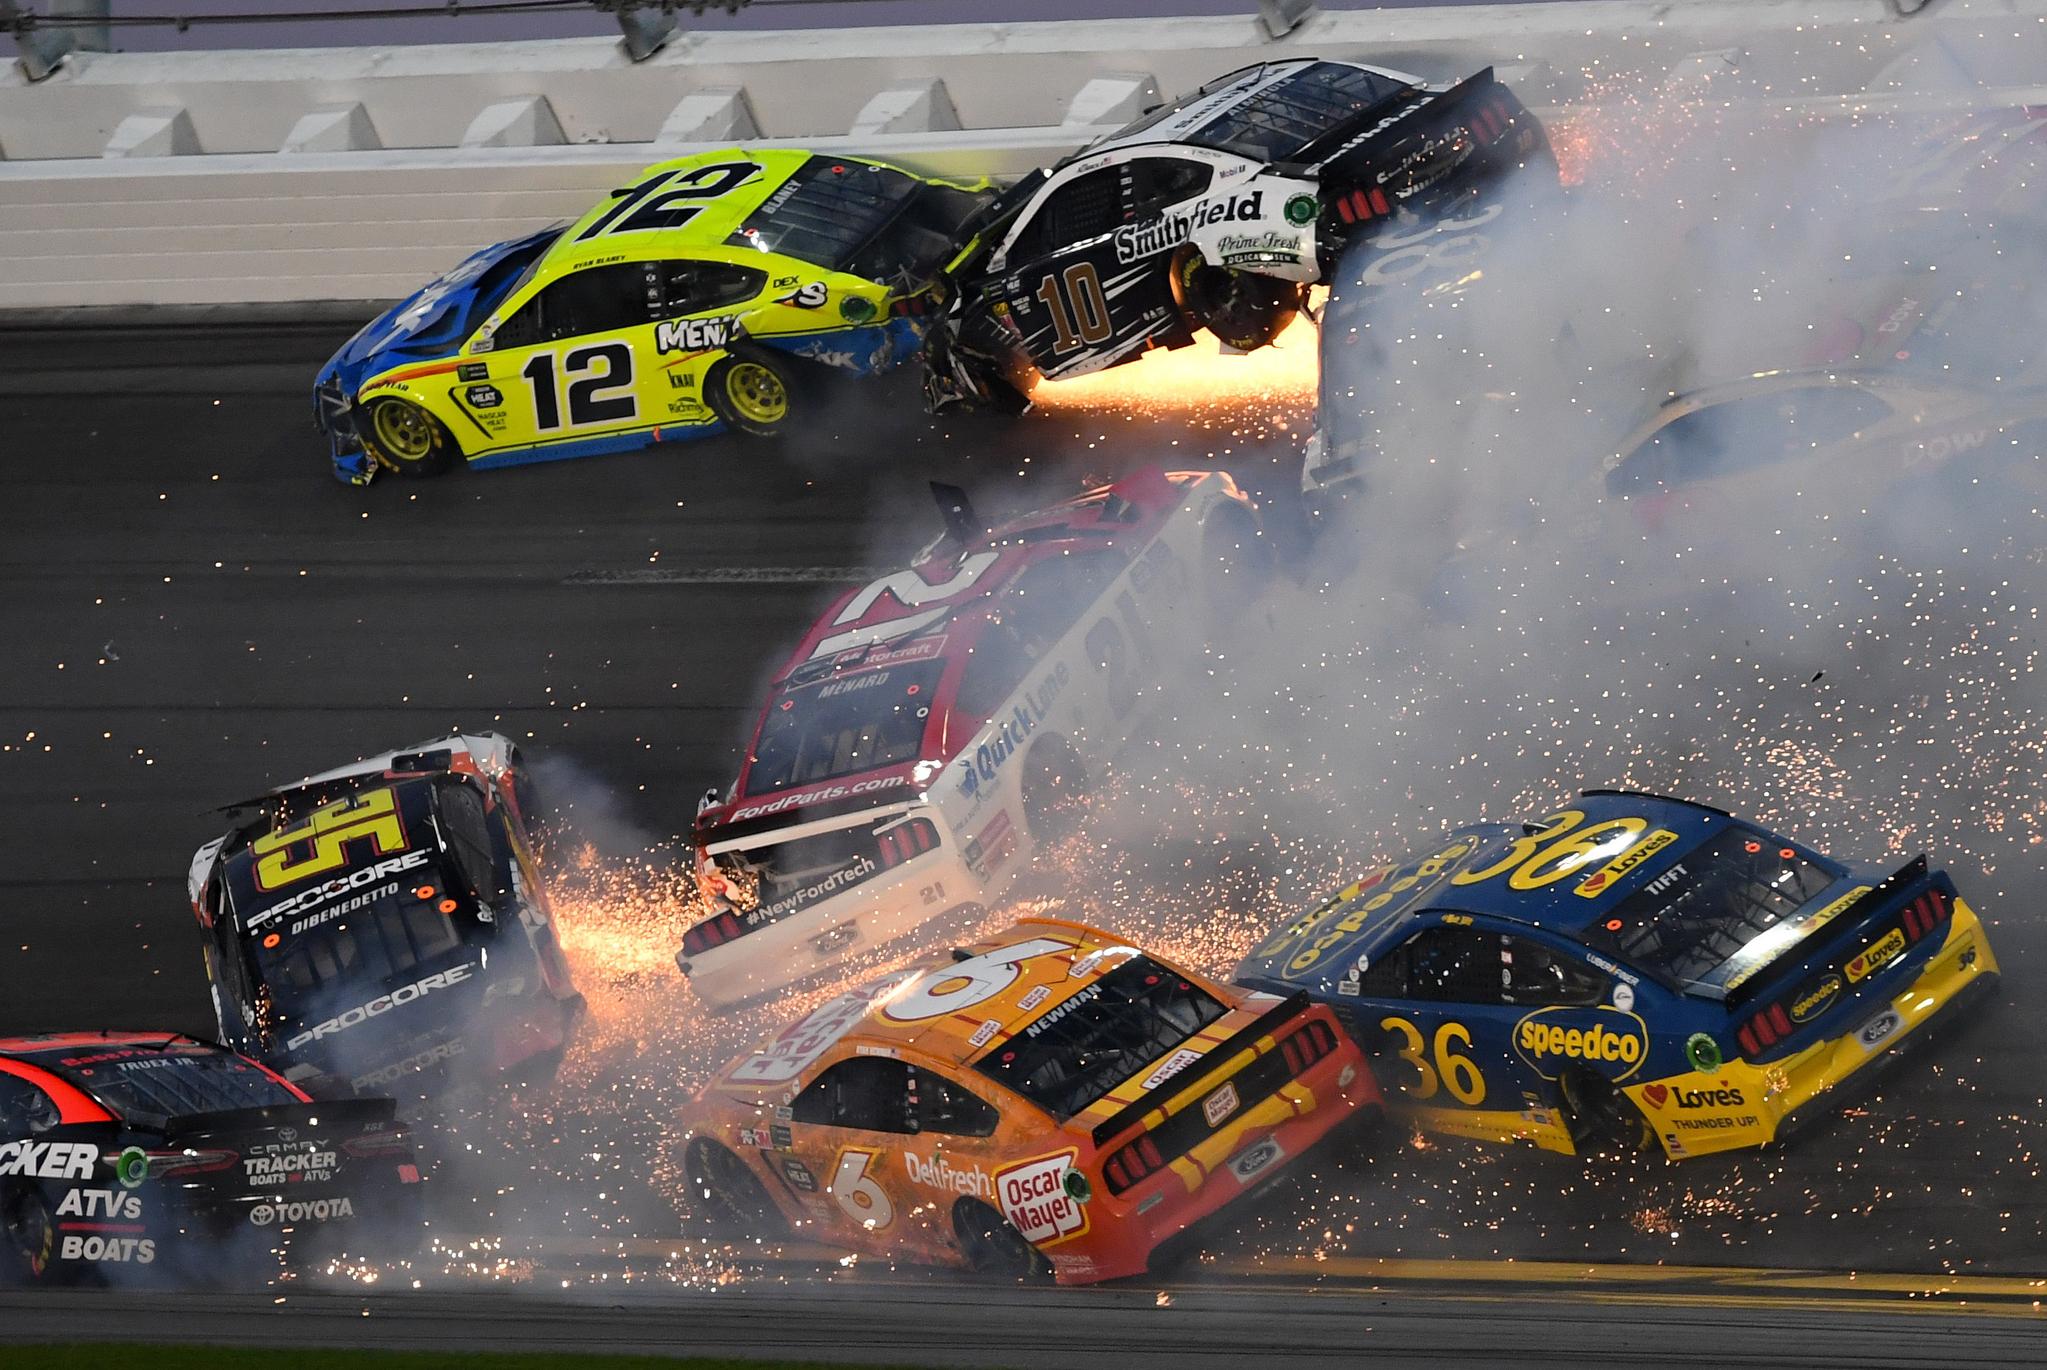 17일 미국 플로리다 데이토나 인터내셔널 스피드웨이에서 열린 '데이토나 500' 레이스 도중 출전 차량들이 서로 엉기며 충돌하고 있다.[USA TODAY Sports=연합뉴스]